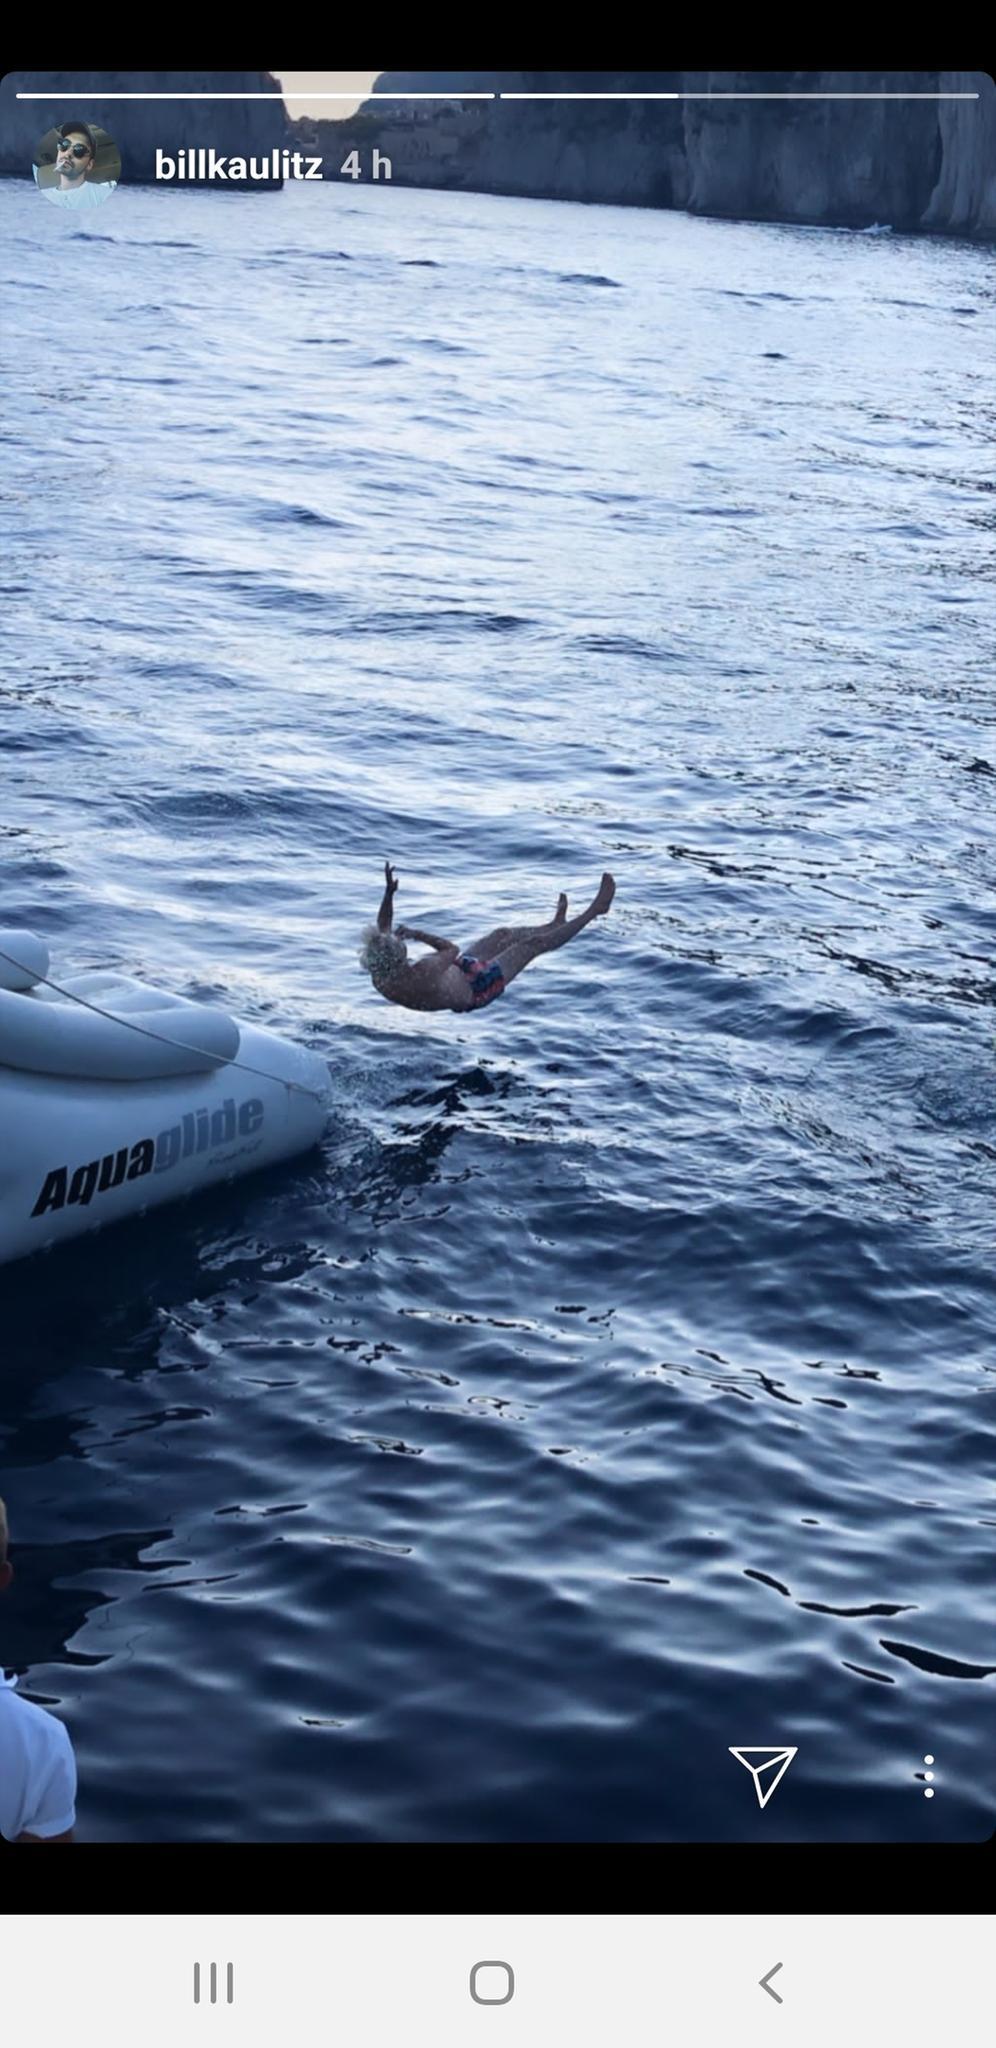 Ab geht's ins Mittelmeer für Bill Kaulitz